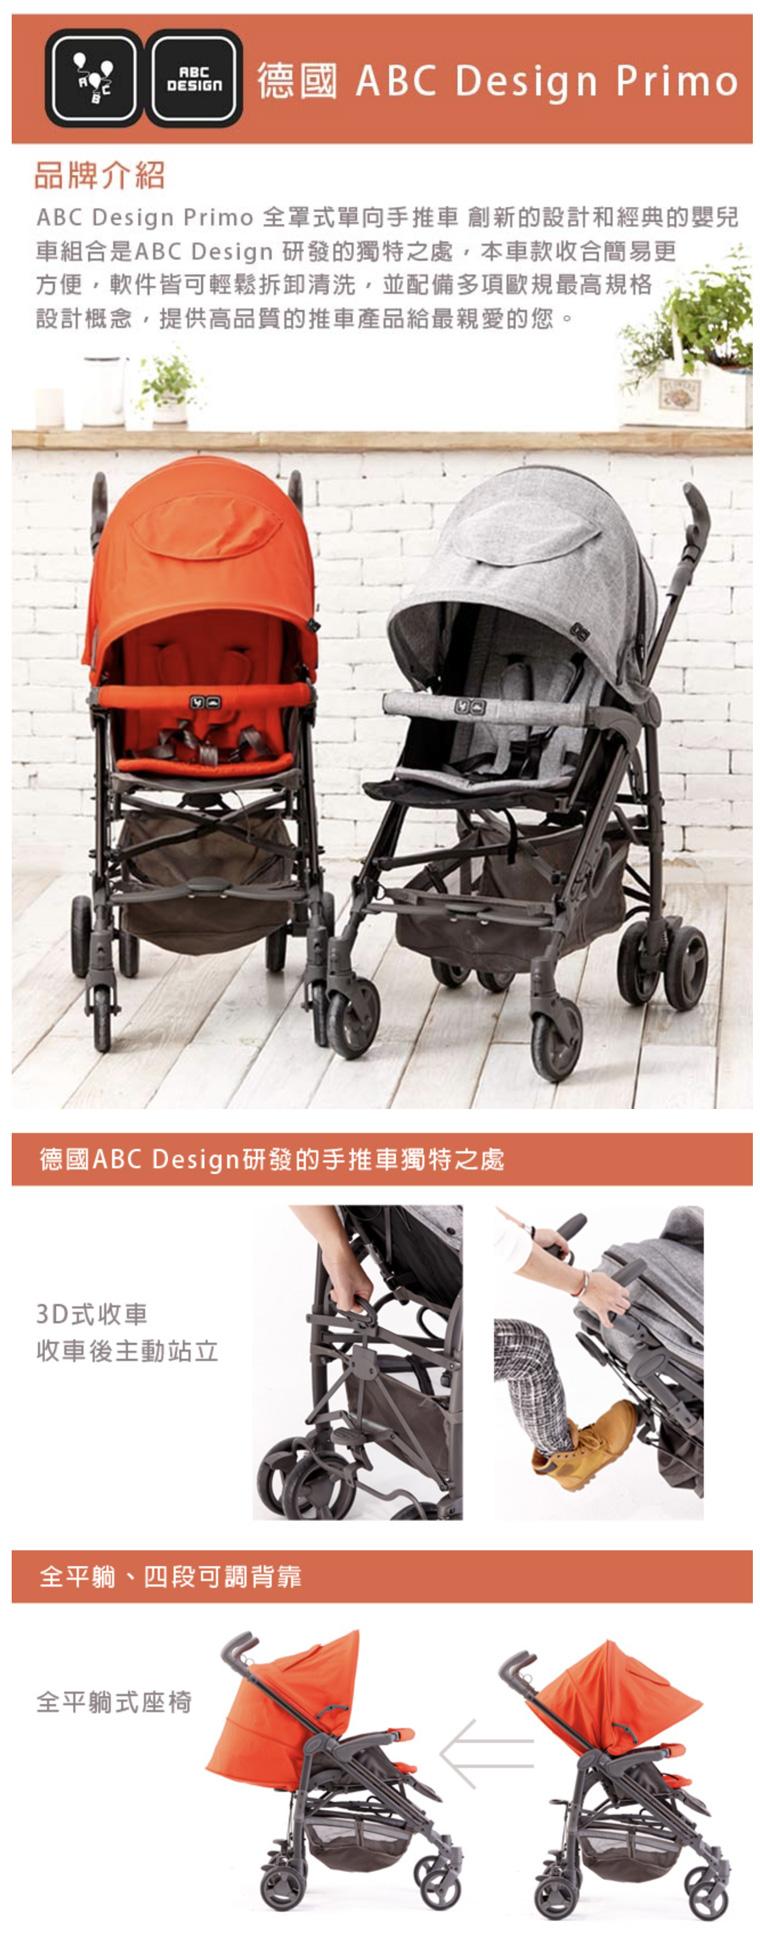 abc-design-primo-info01